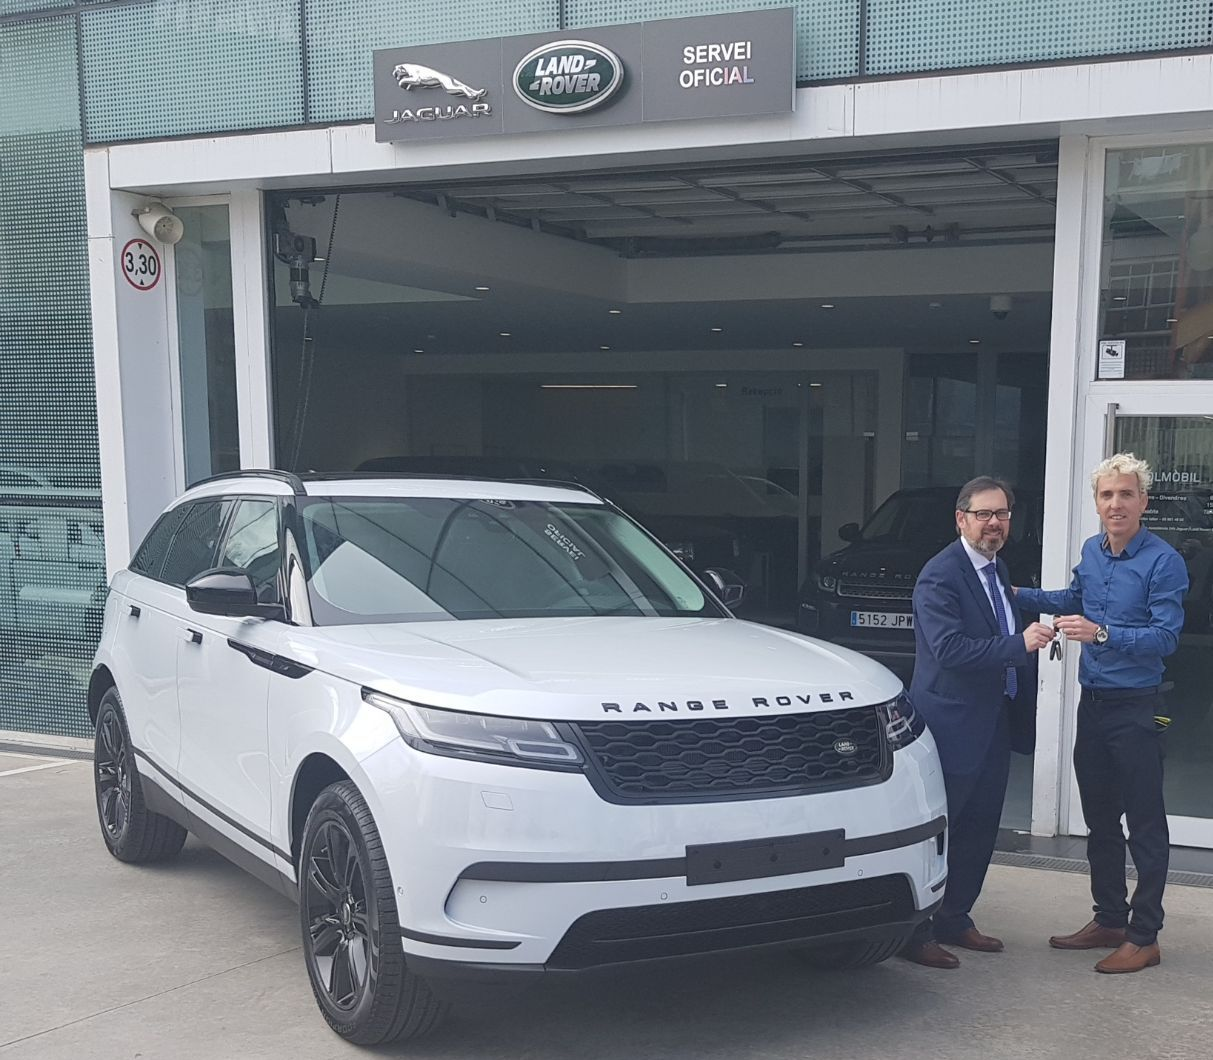 El nuevo Range Rover Velar, el coche elegido por José Luis Blanco